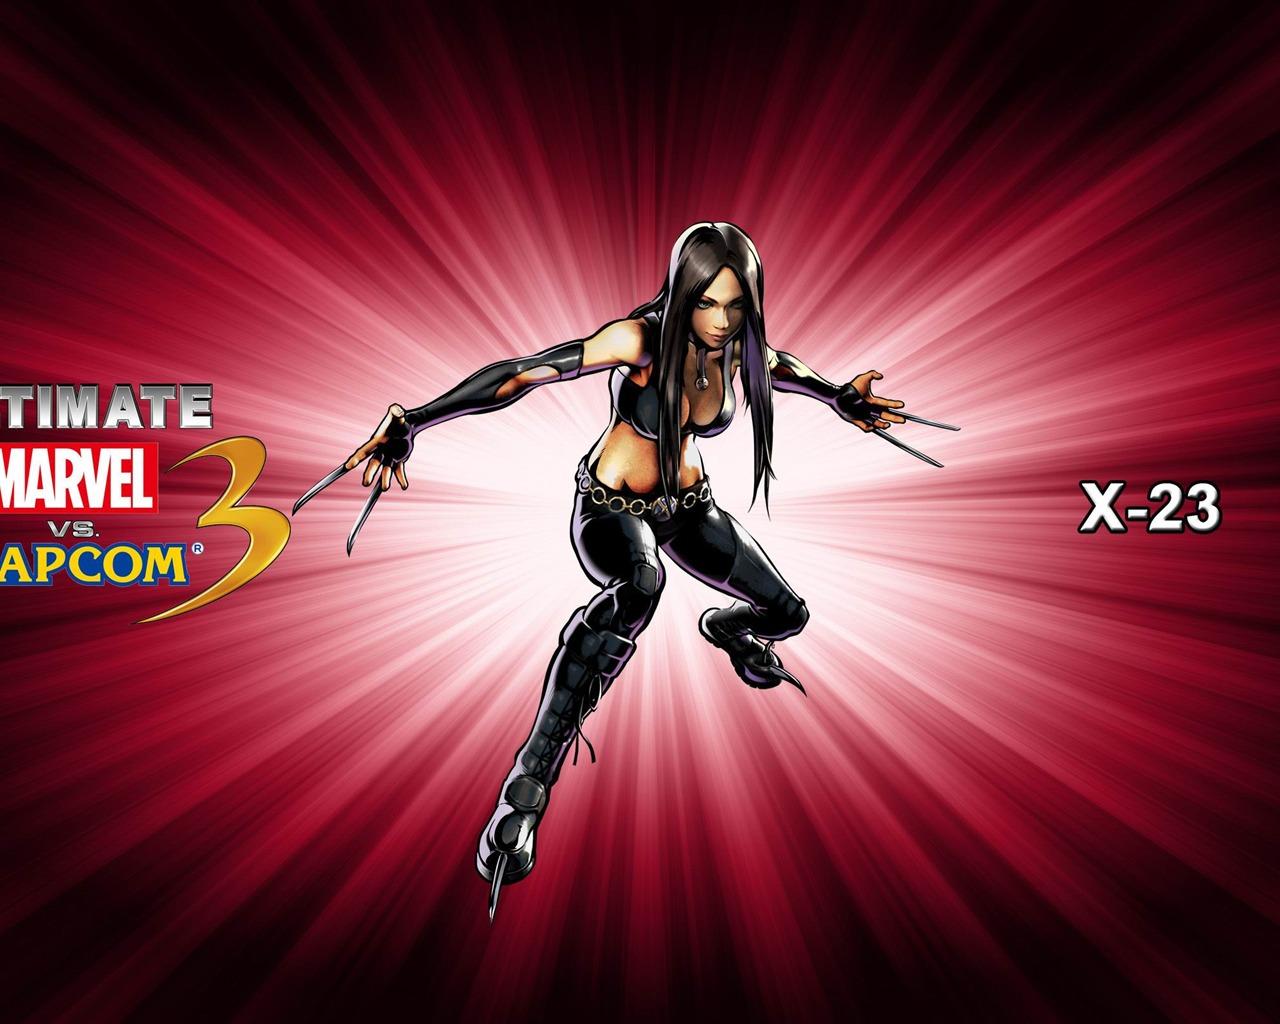 X 23 Ultimate Marvel Vs Capcom 3 Game Wallpaper Preview